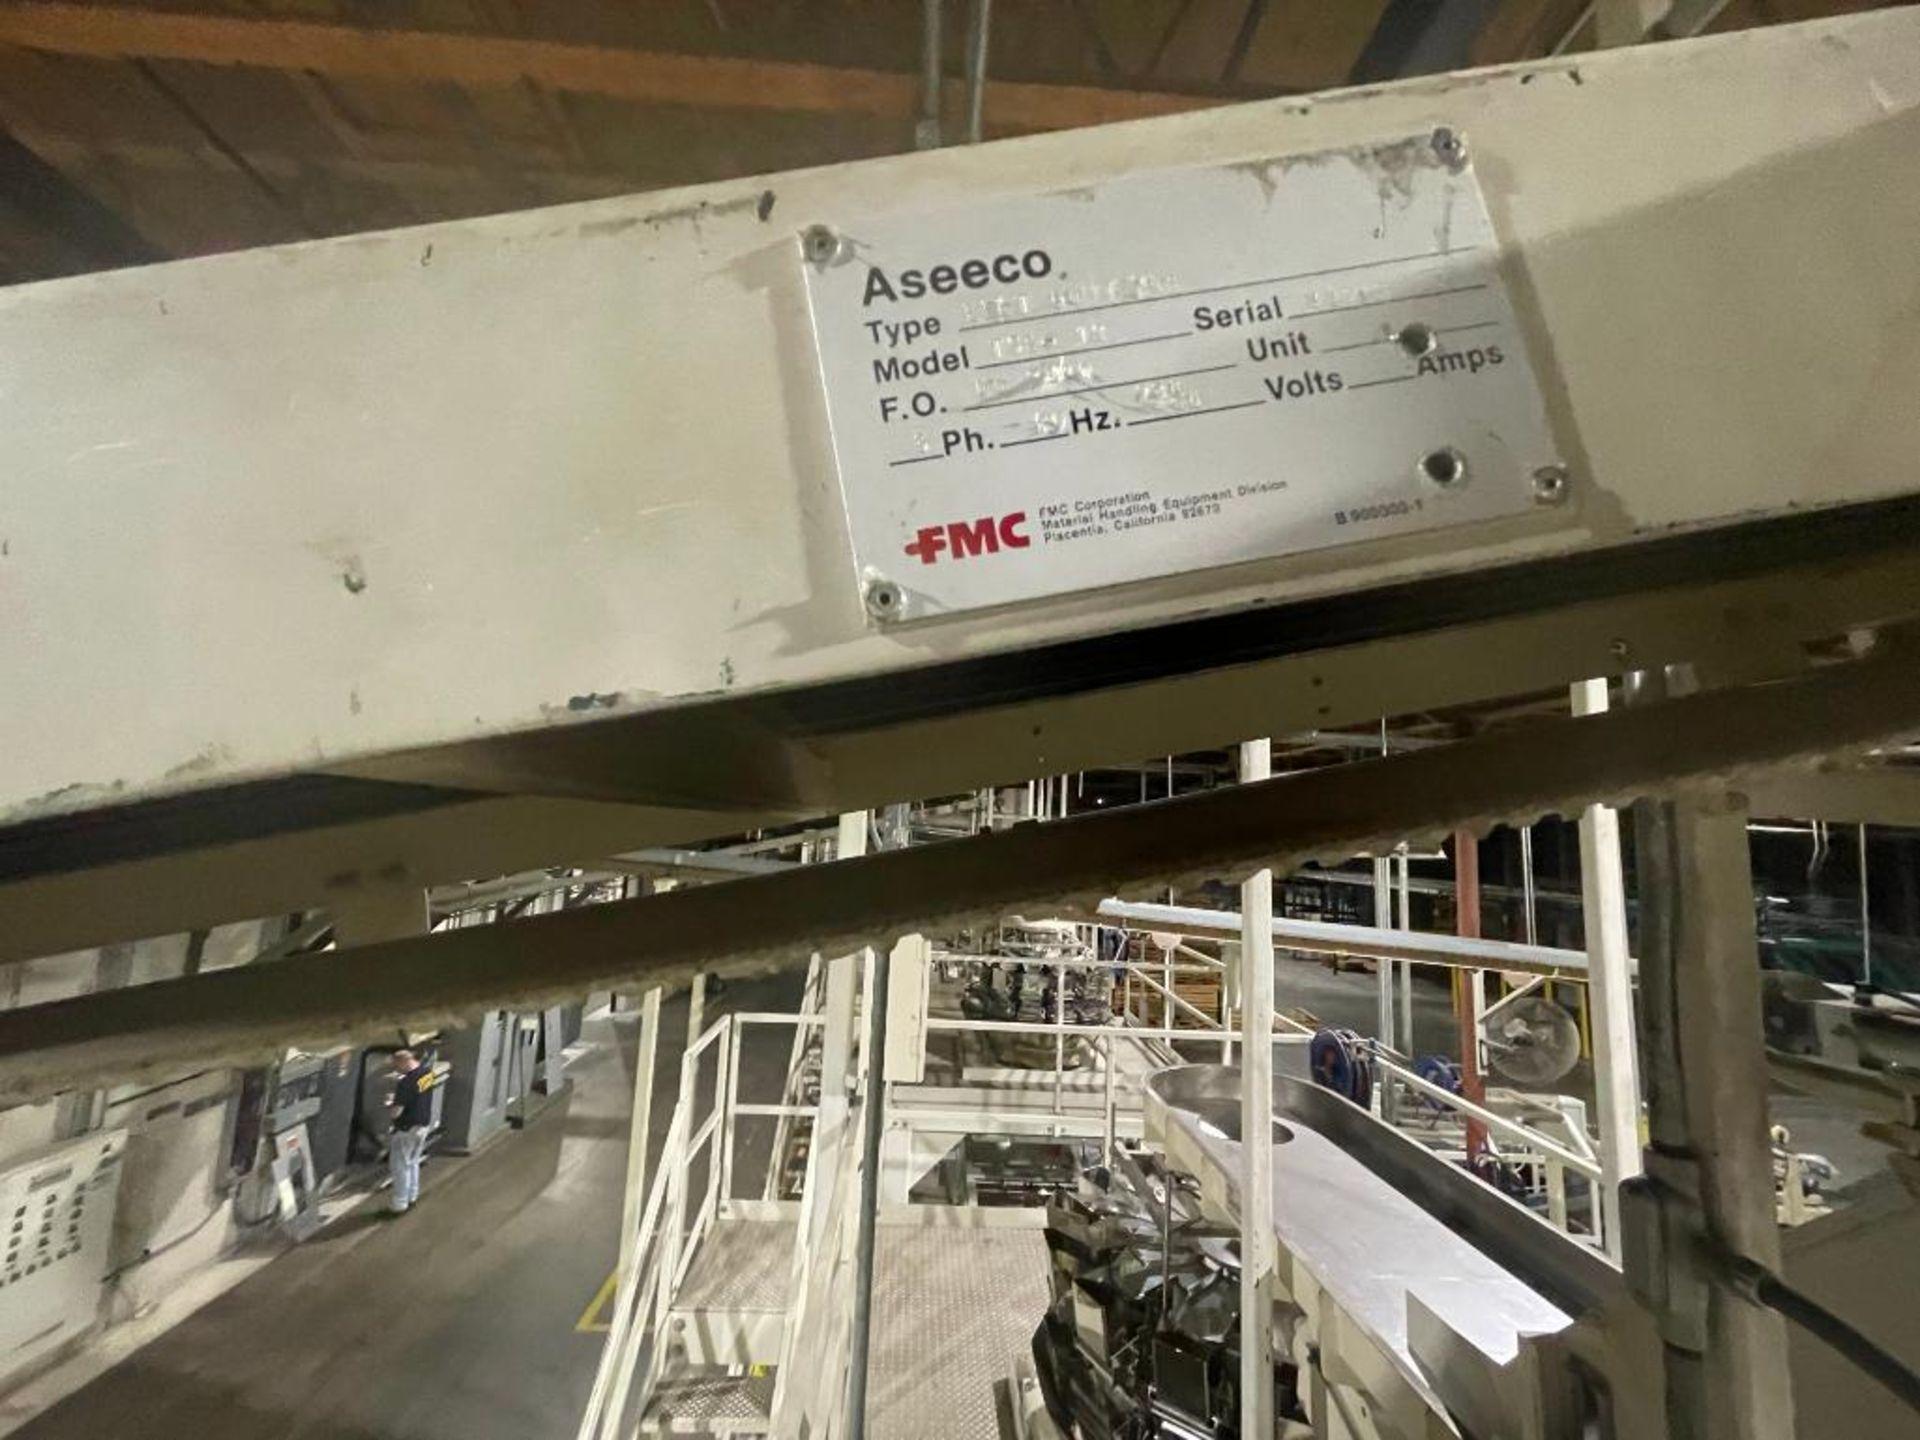 mild steel overhead belt conveyor - Image 8 of 12